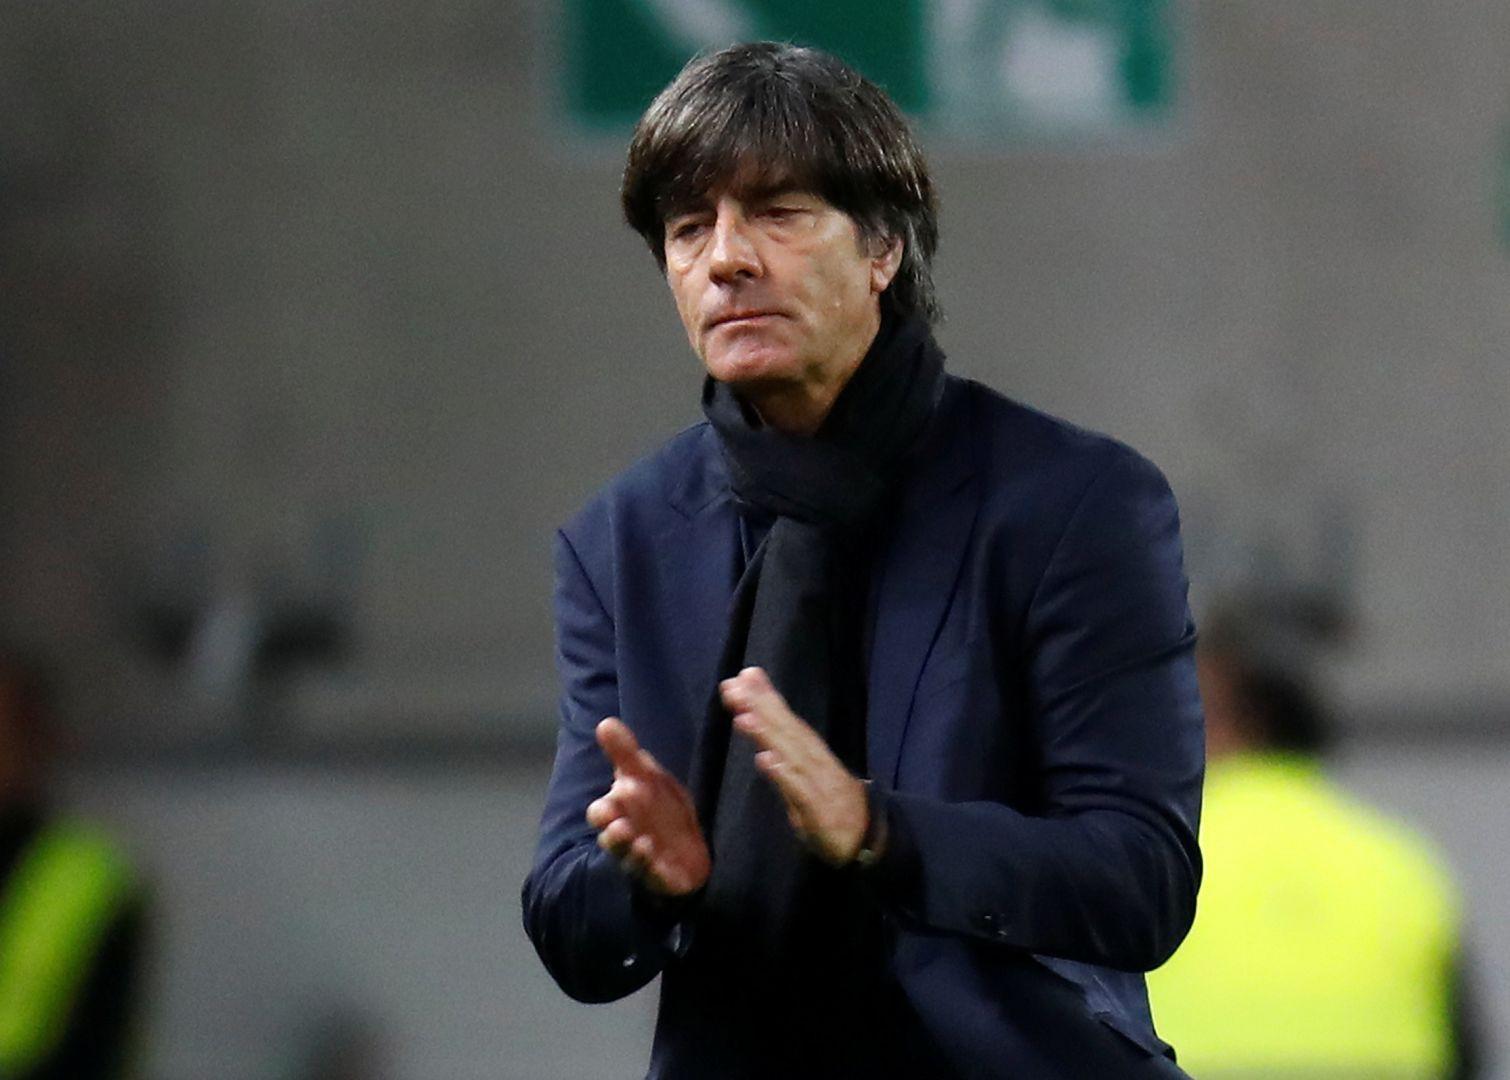 Arsenal sắp chia tay Wenger, 5 ứng viên tiềm năng nào sẽ thay thế? - Ảnh 2.